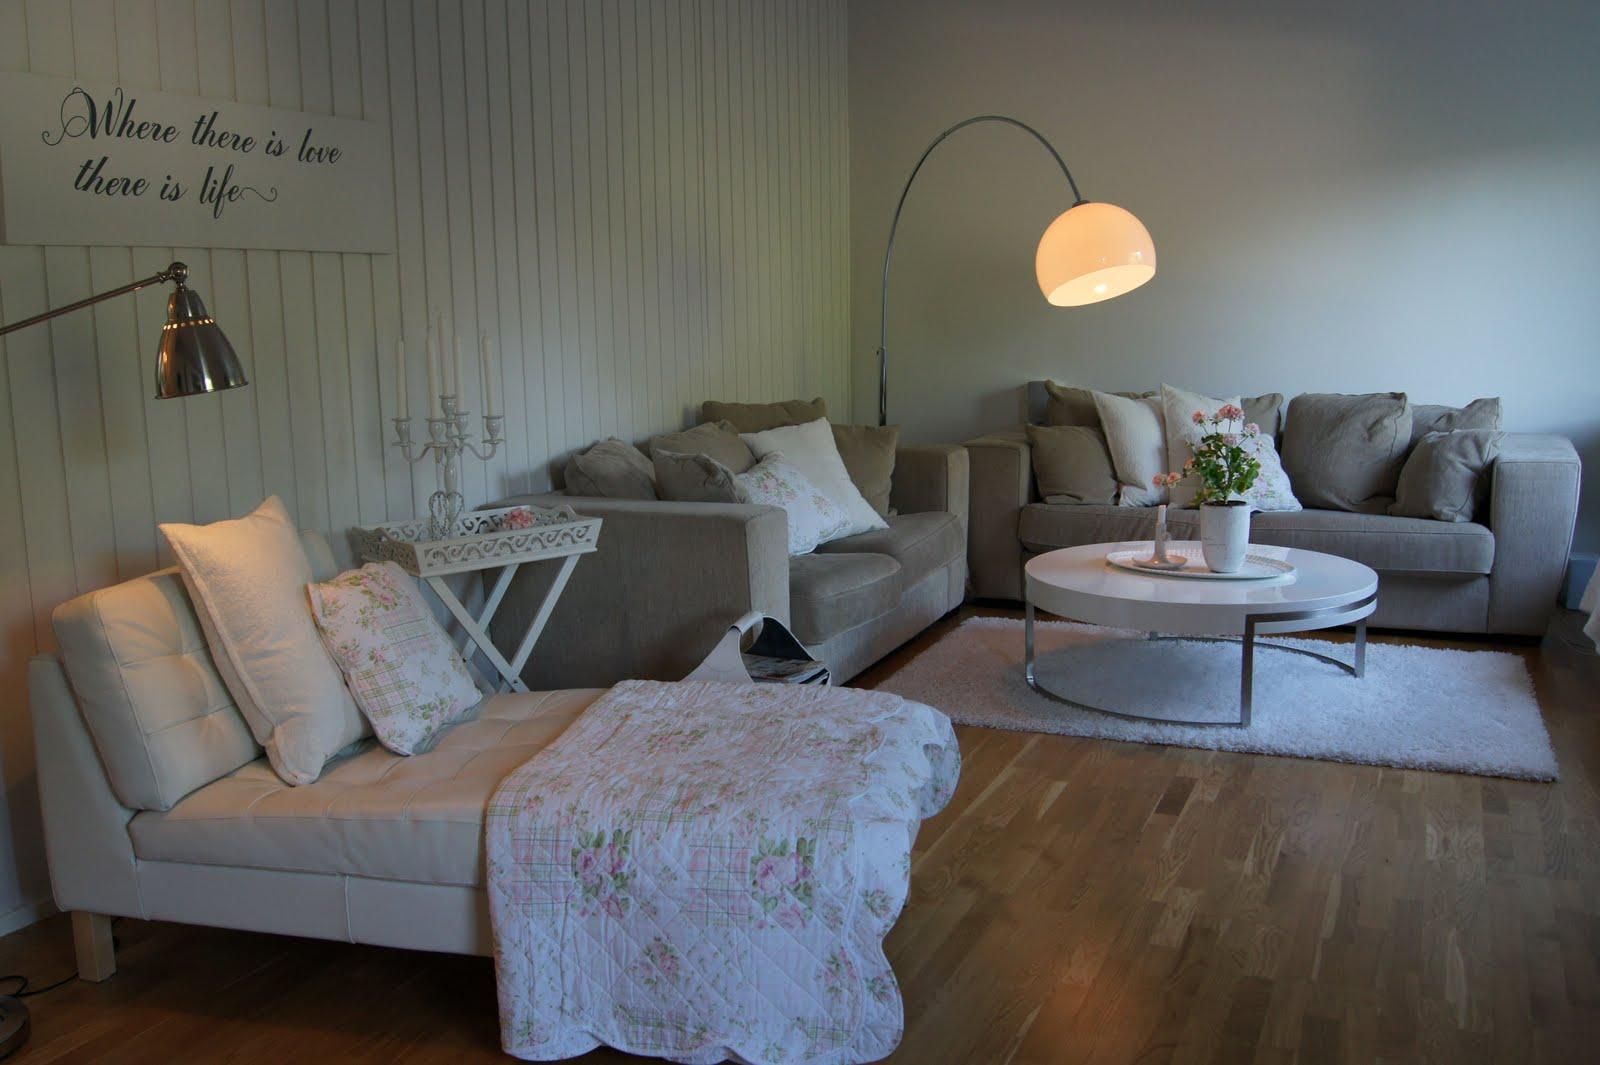 sofas modernos para salas pequenas new sofa sale 5 ideas decorar de estar modernas hoy lowcost